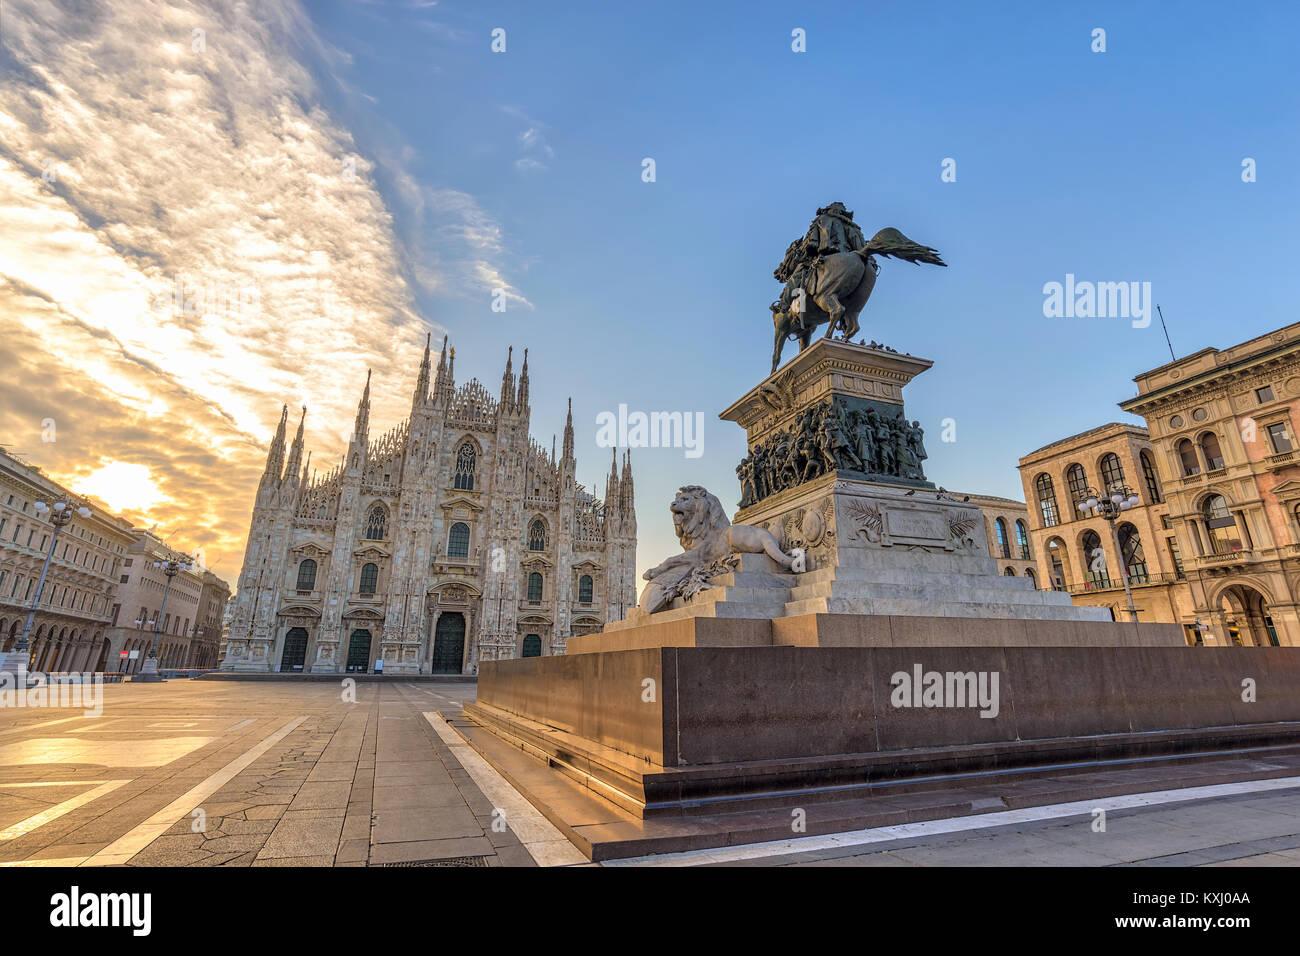 Il Duomo di Milano (Milano Duomo) quando sunrise, Milano (Milano), Italia Immagini Stock